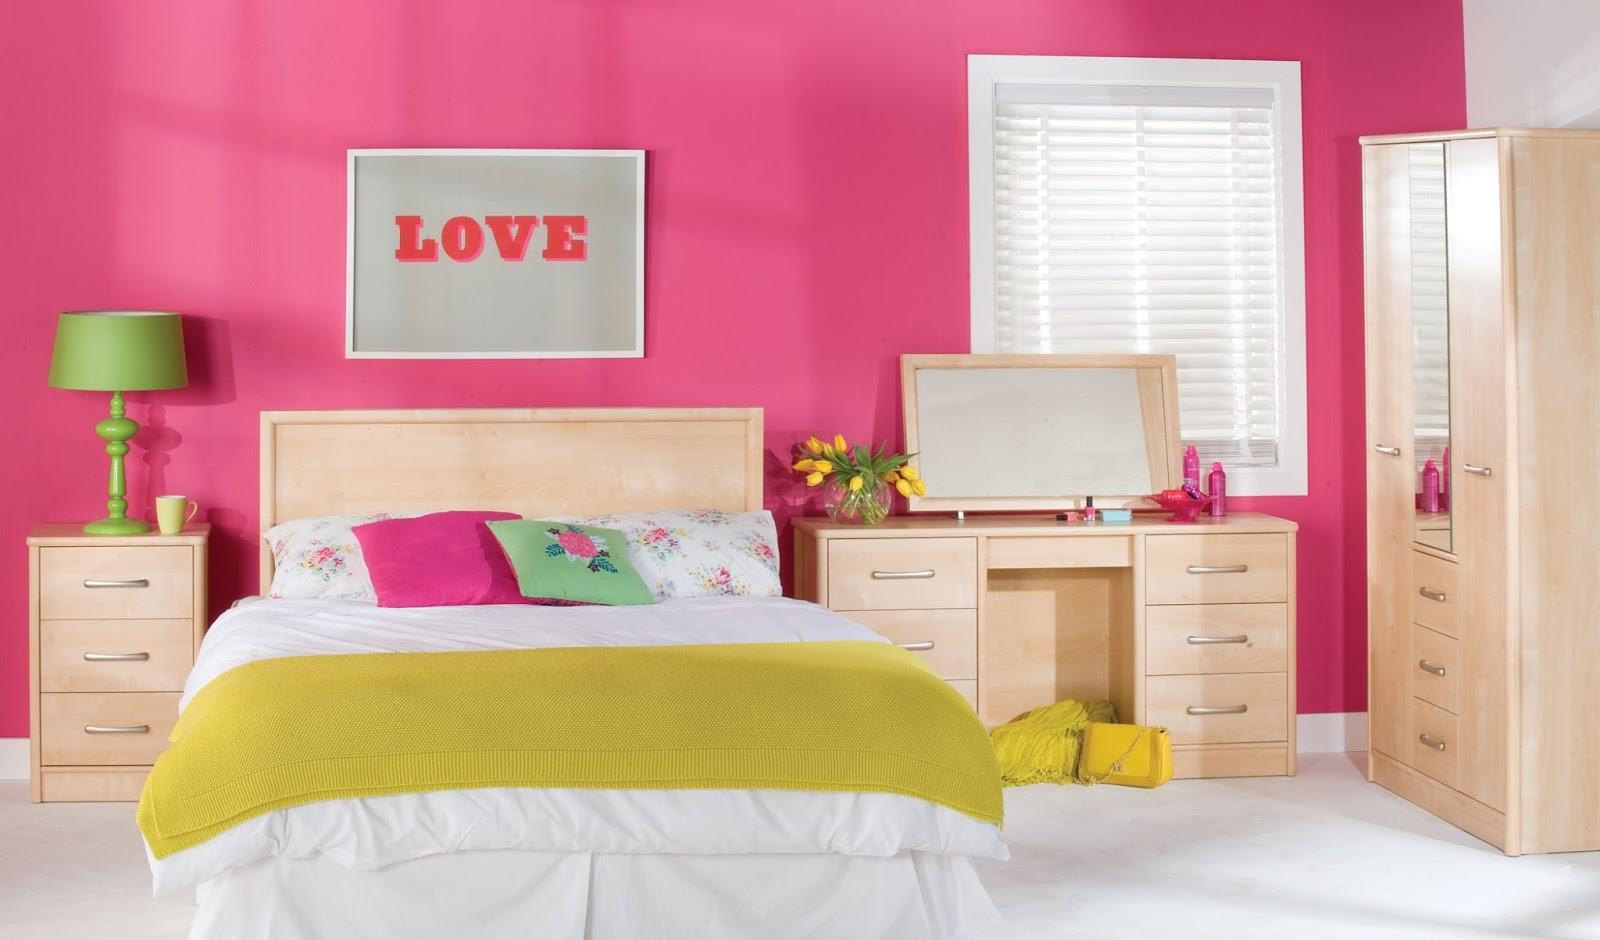 tips membuat kamar tidur berukuran kecil terlihat lebih menarik 607c898d510a3